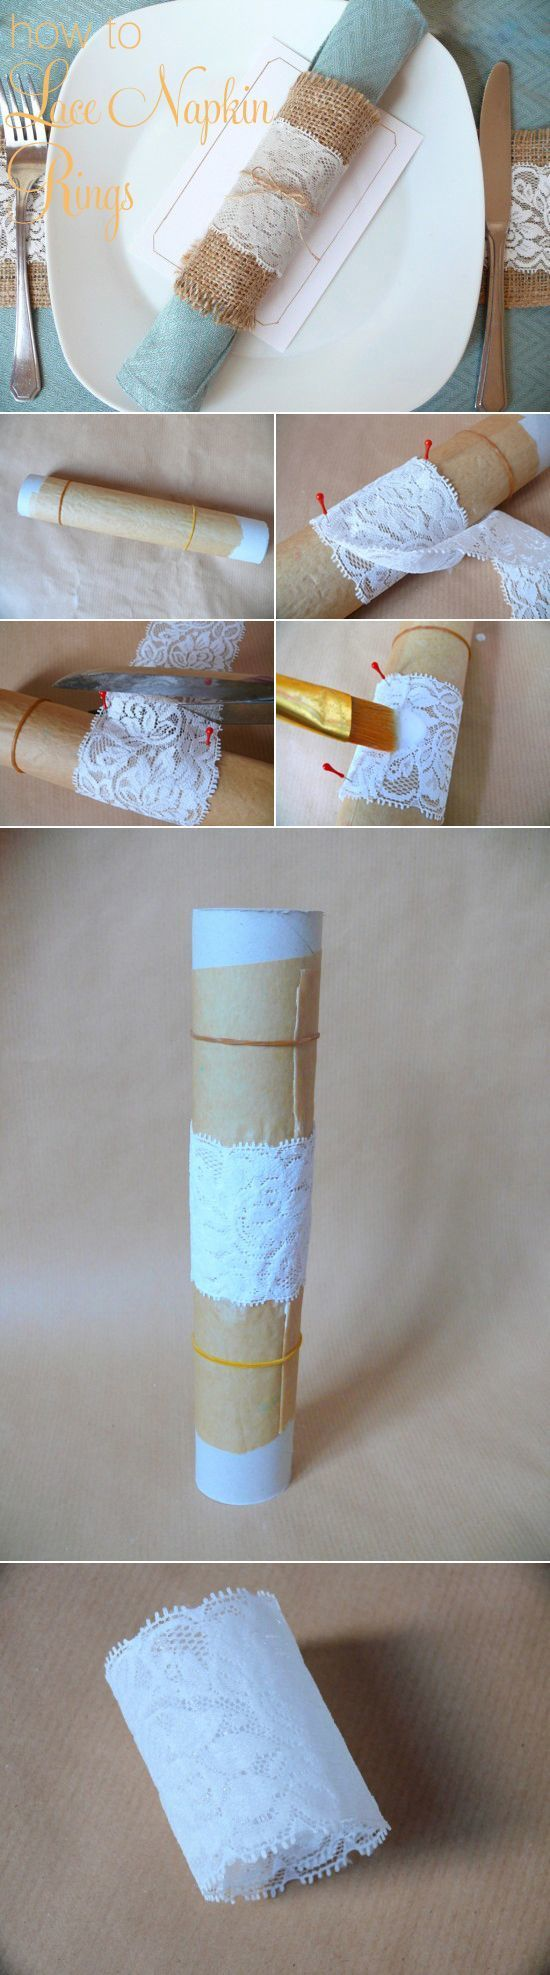 手作りも出来ちゃう♡おしゃれな『ナプキンリング』をDIY♩にて紹介している画像